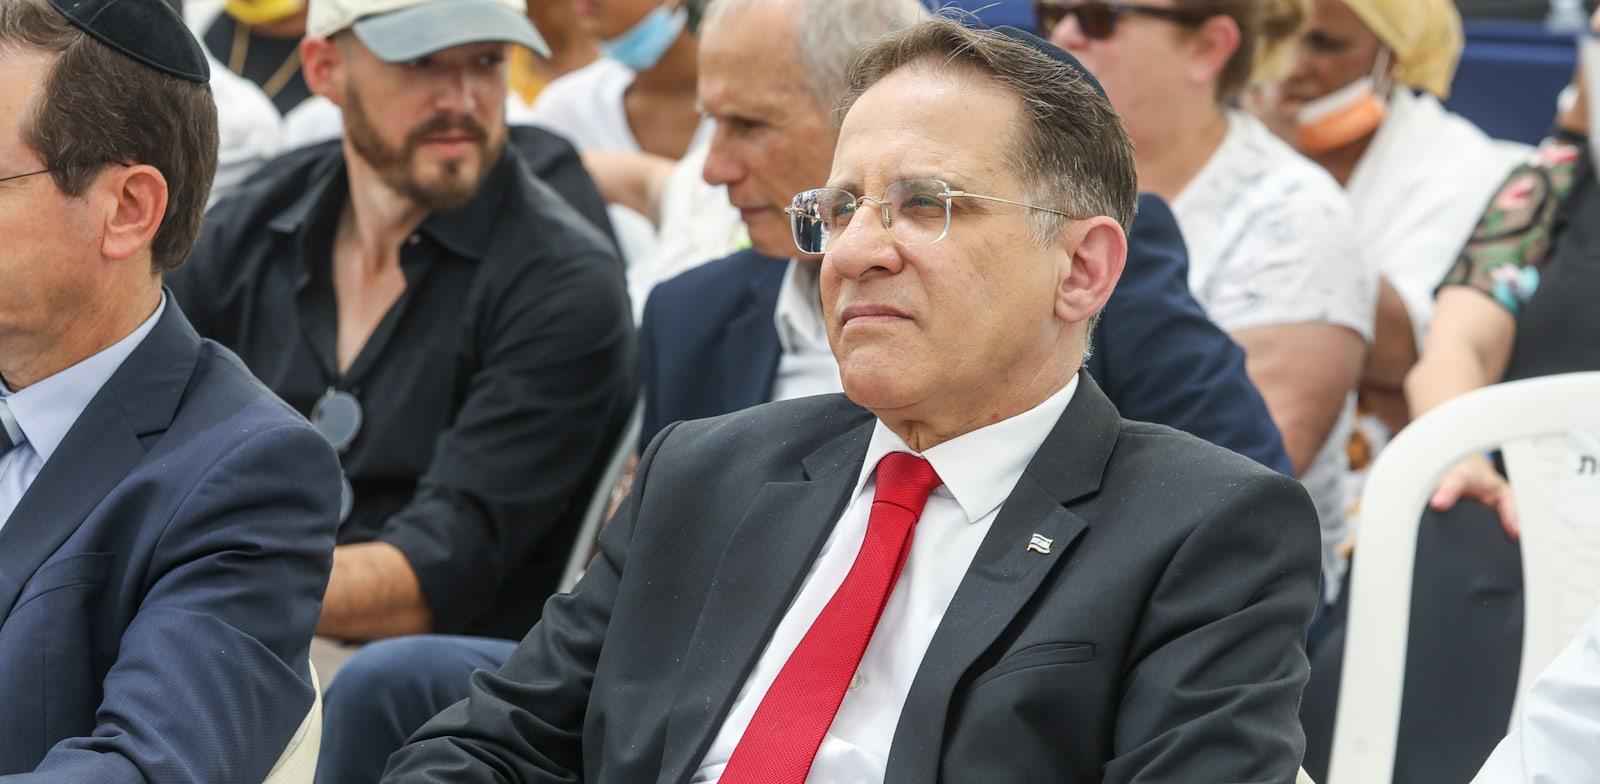 צחי ברוורמן / צילום: מארק ישראל סלם - הג'רוזלם פוסט